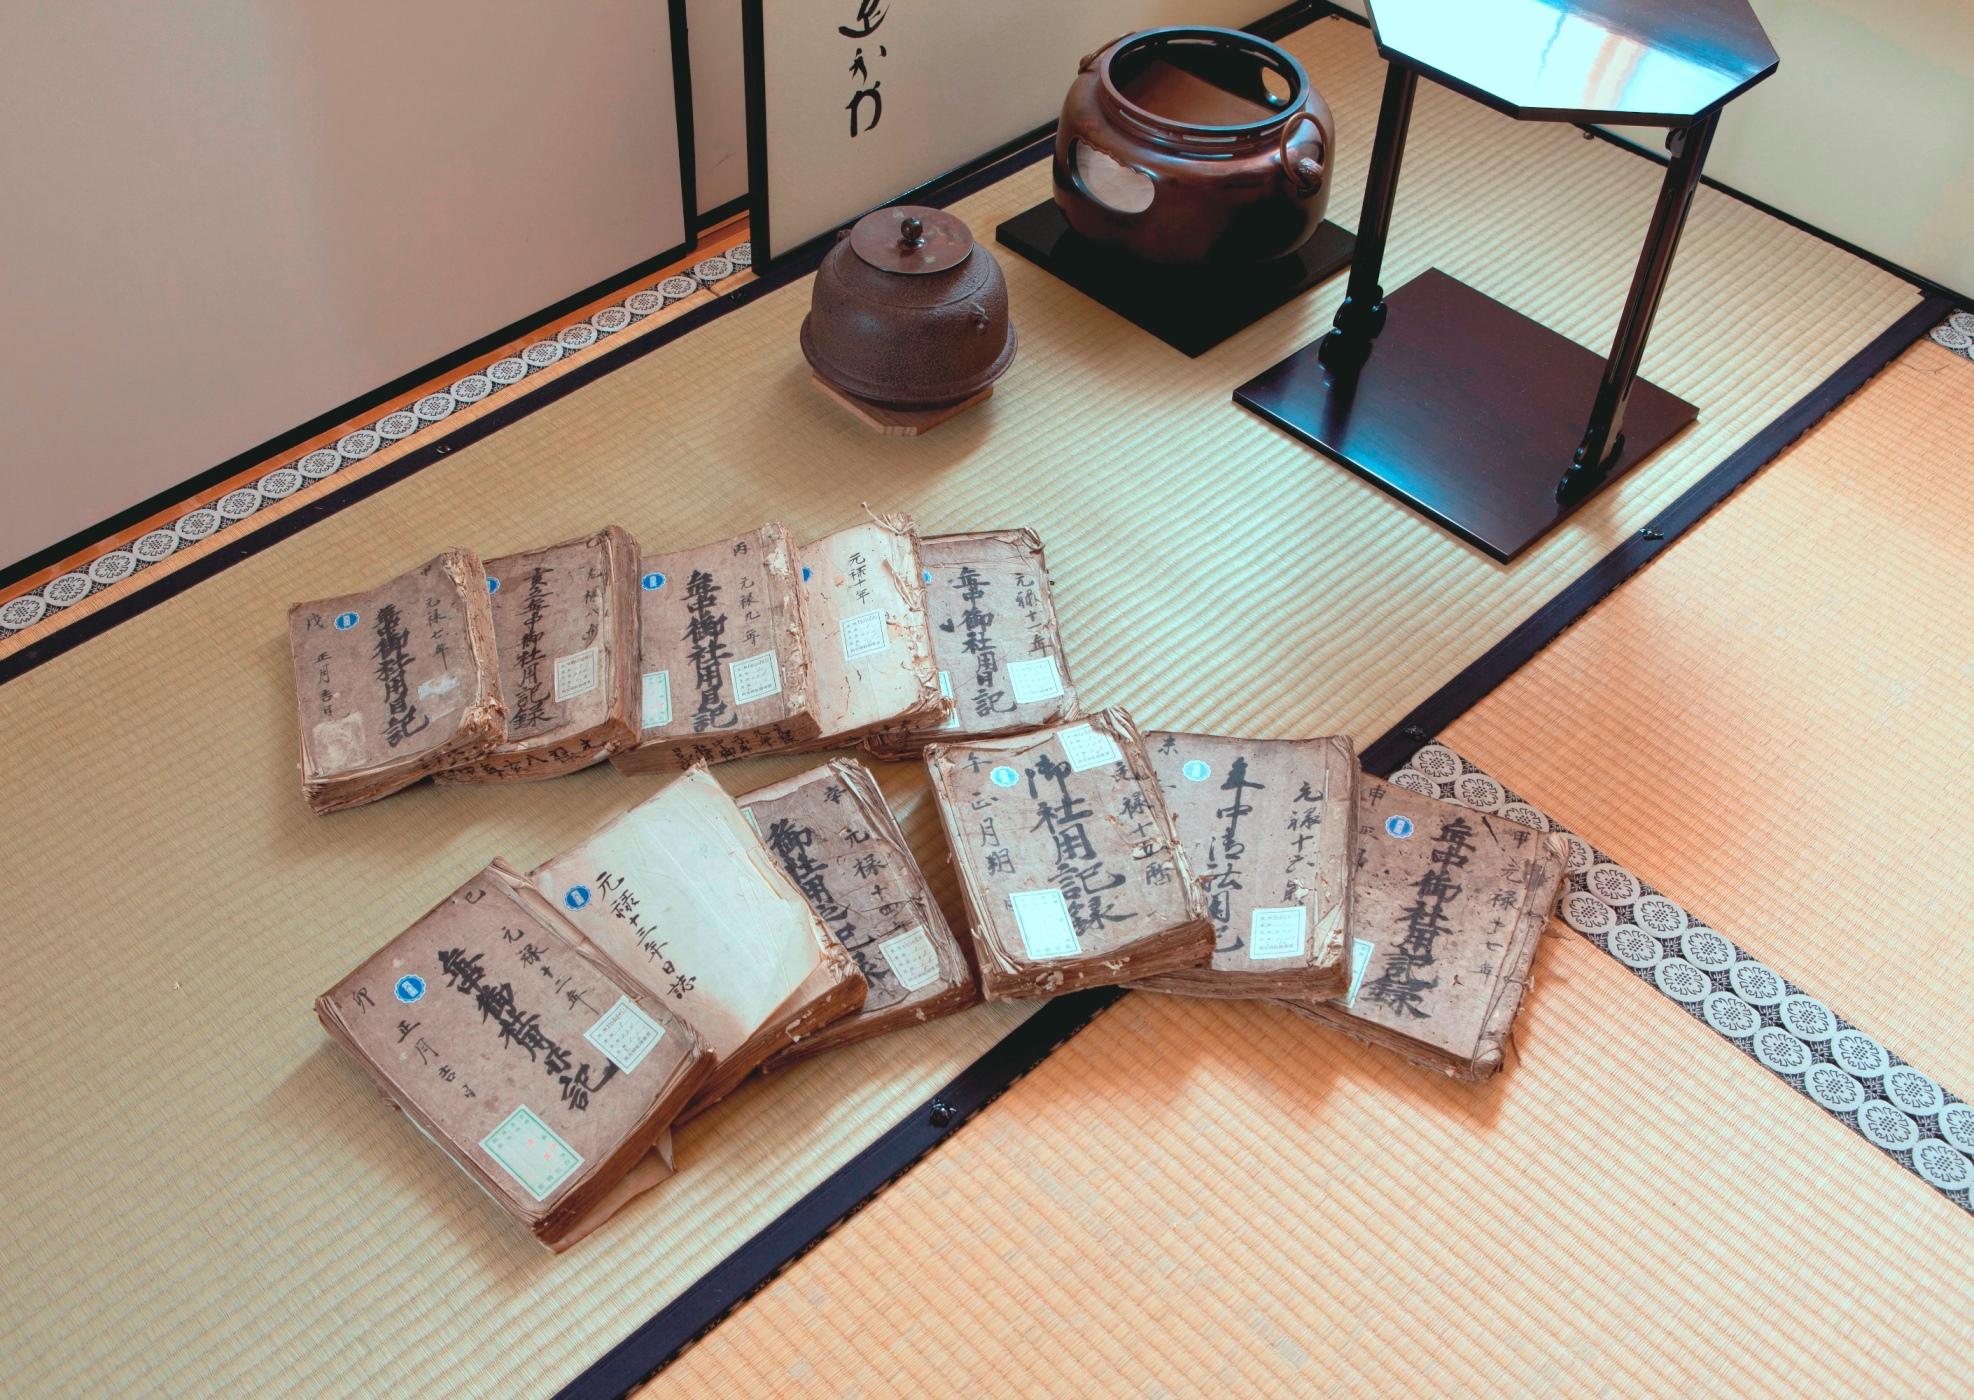 西宮神社御社用日記